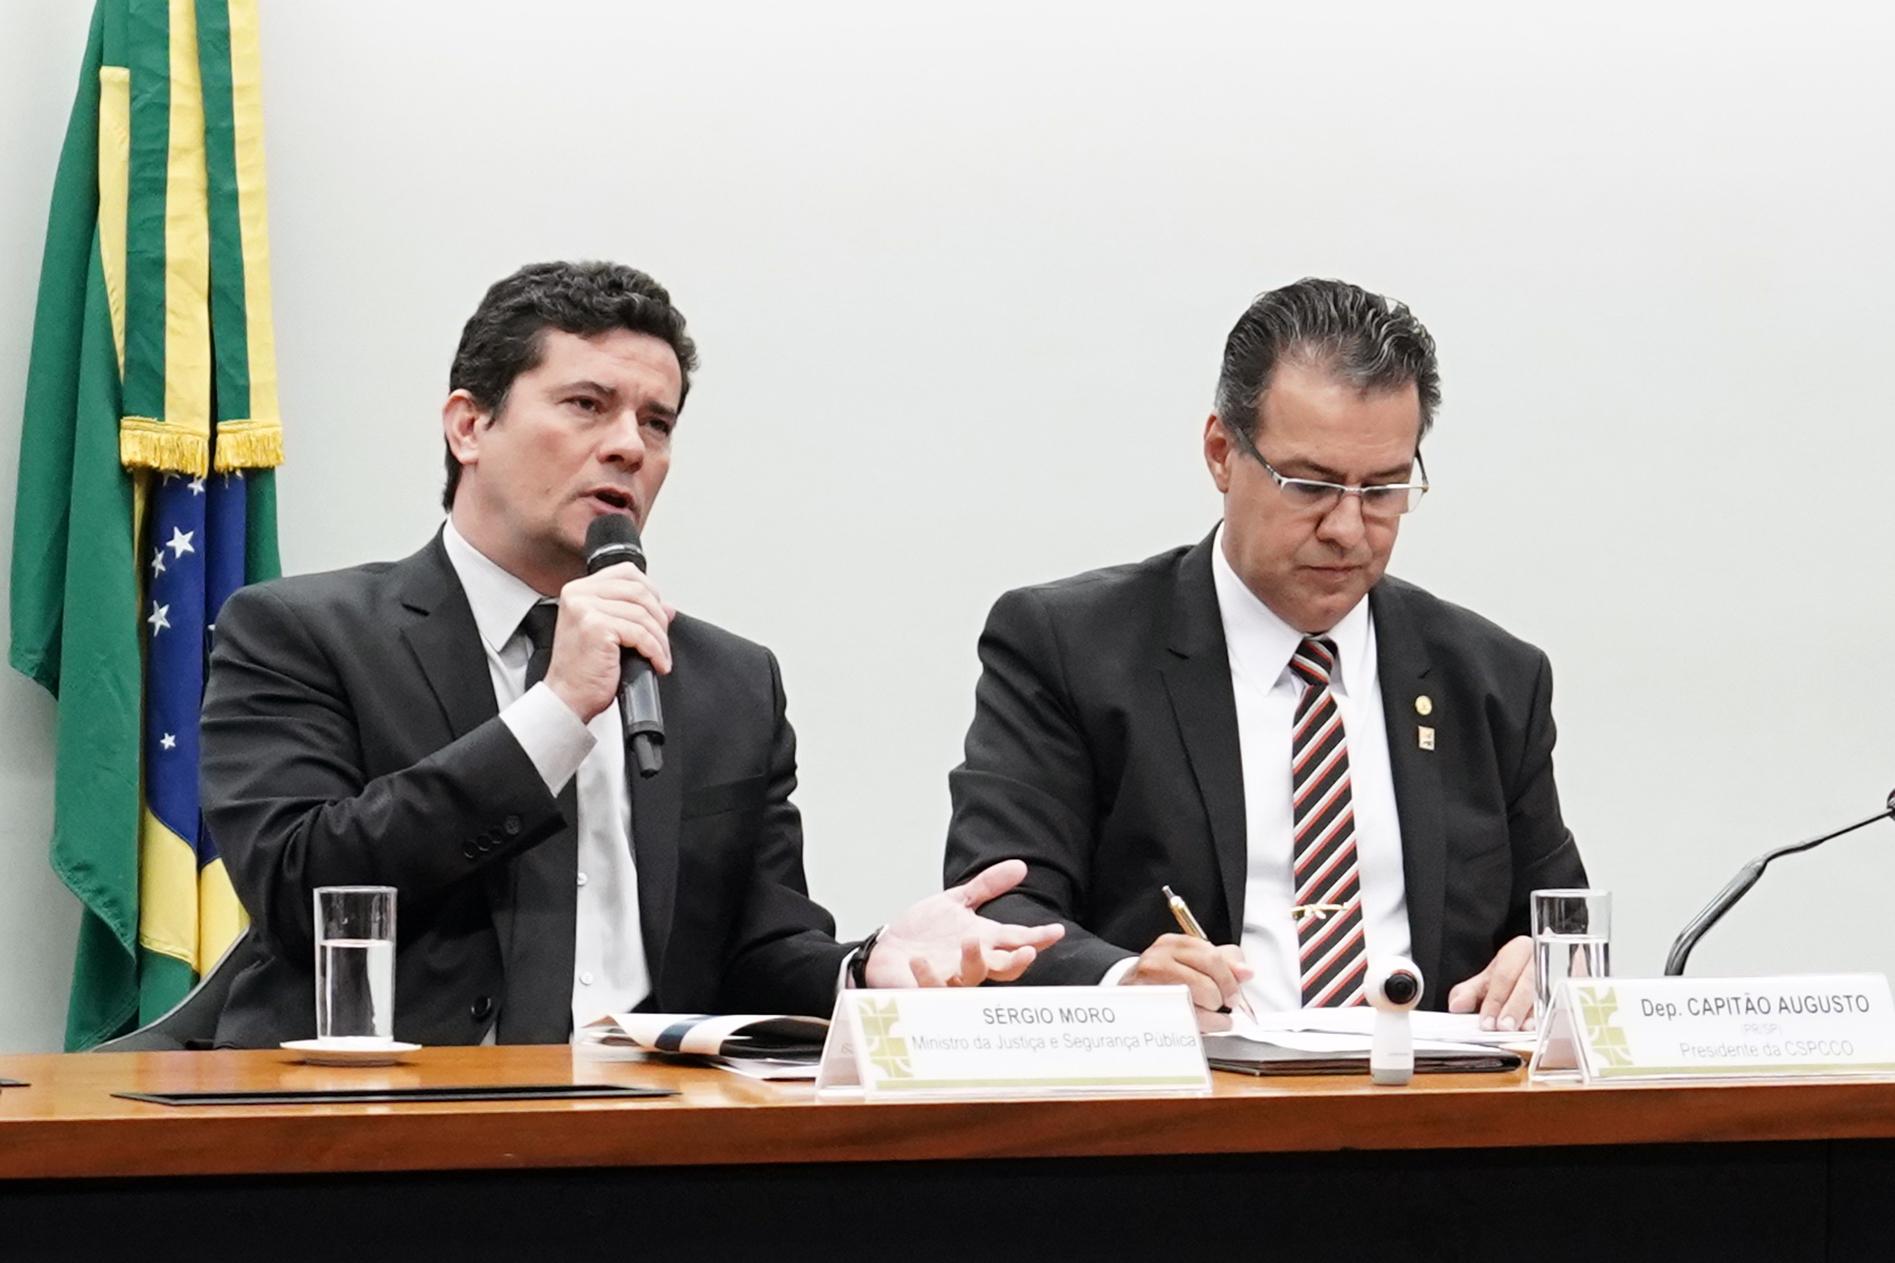 Na Comissão de Segurança Pública e Combate ao Crime Organizado, Moro defende projeto anticrime